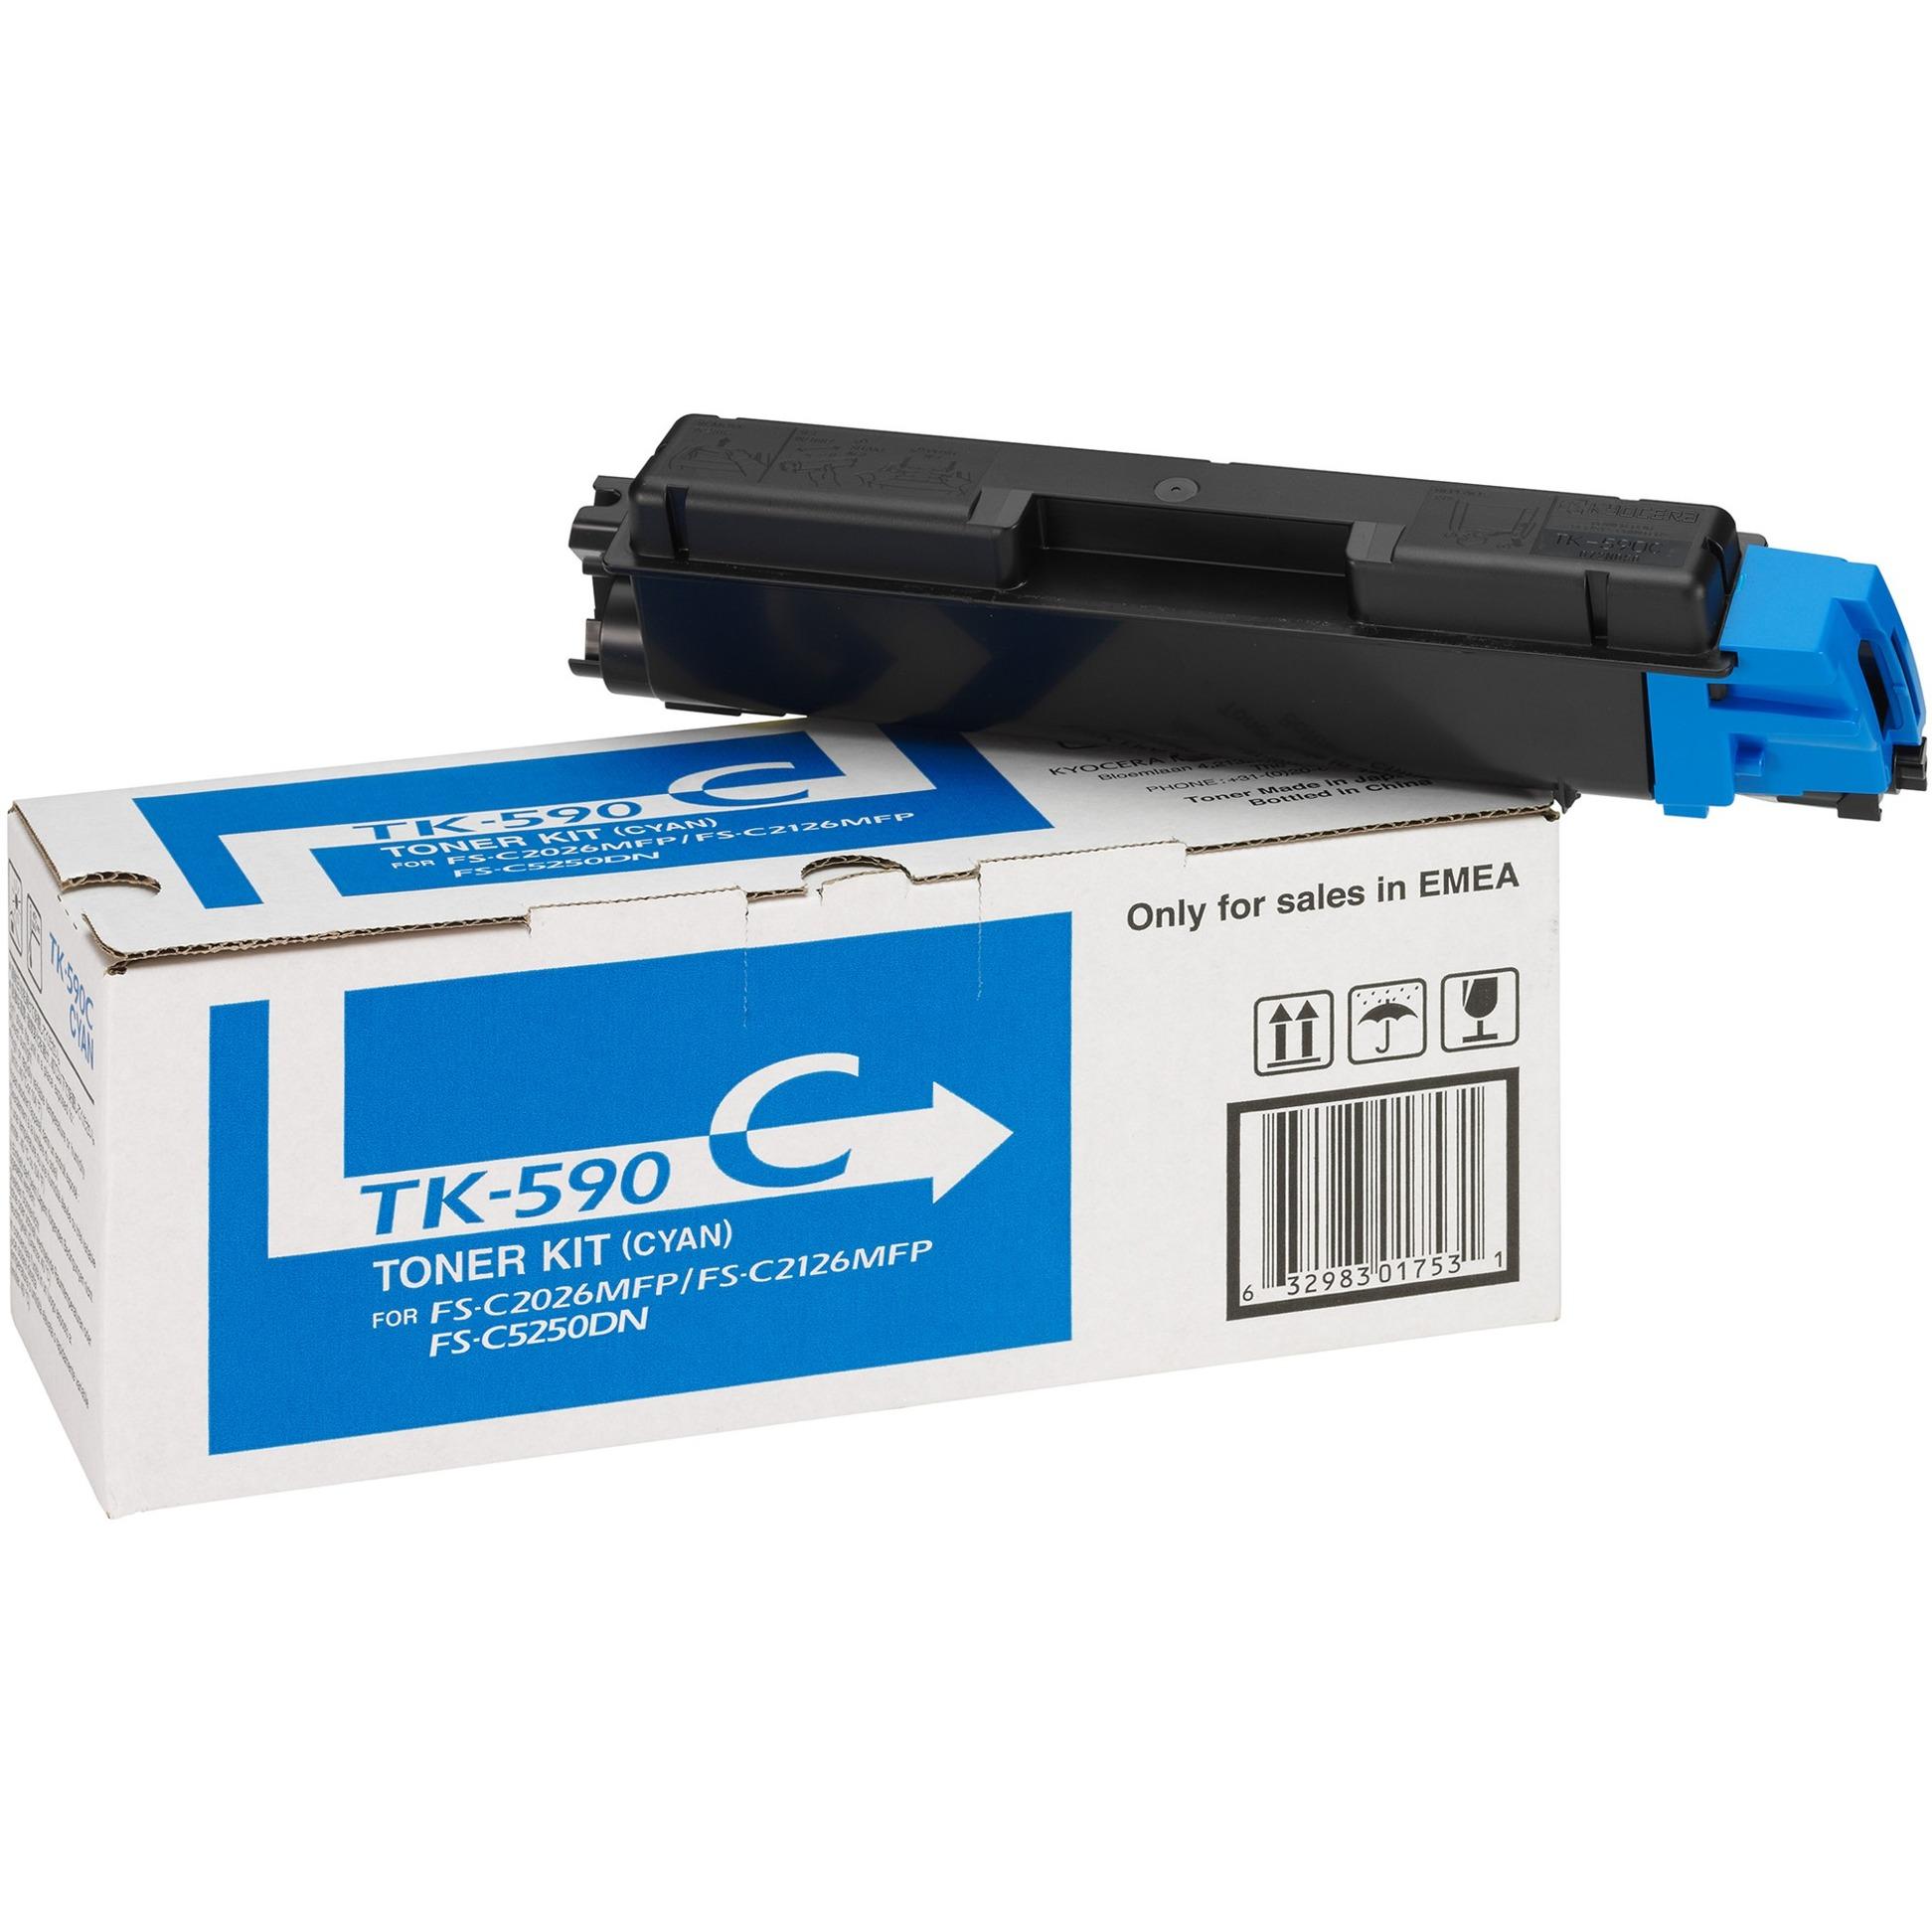 1T02KVCNL0 500páginas Cian tóner y cartucho láser